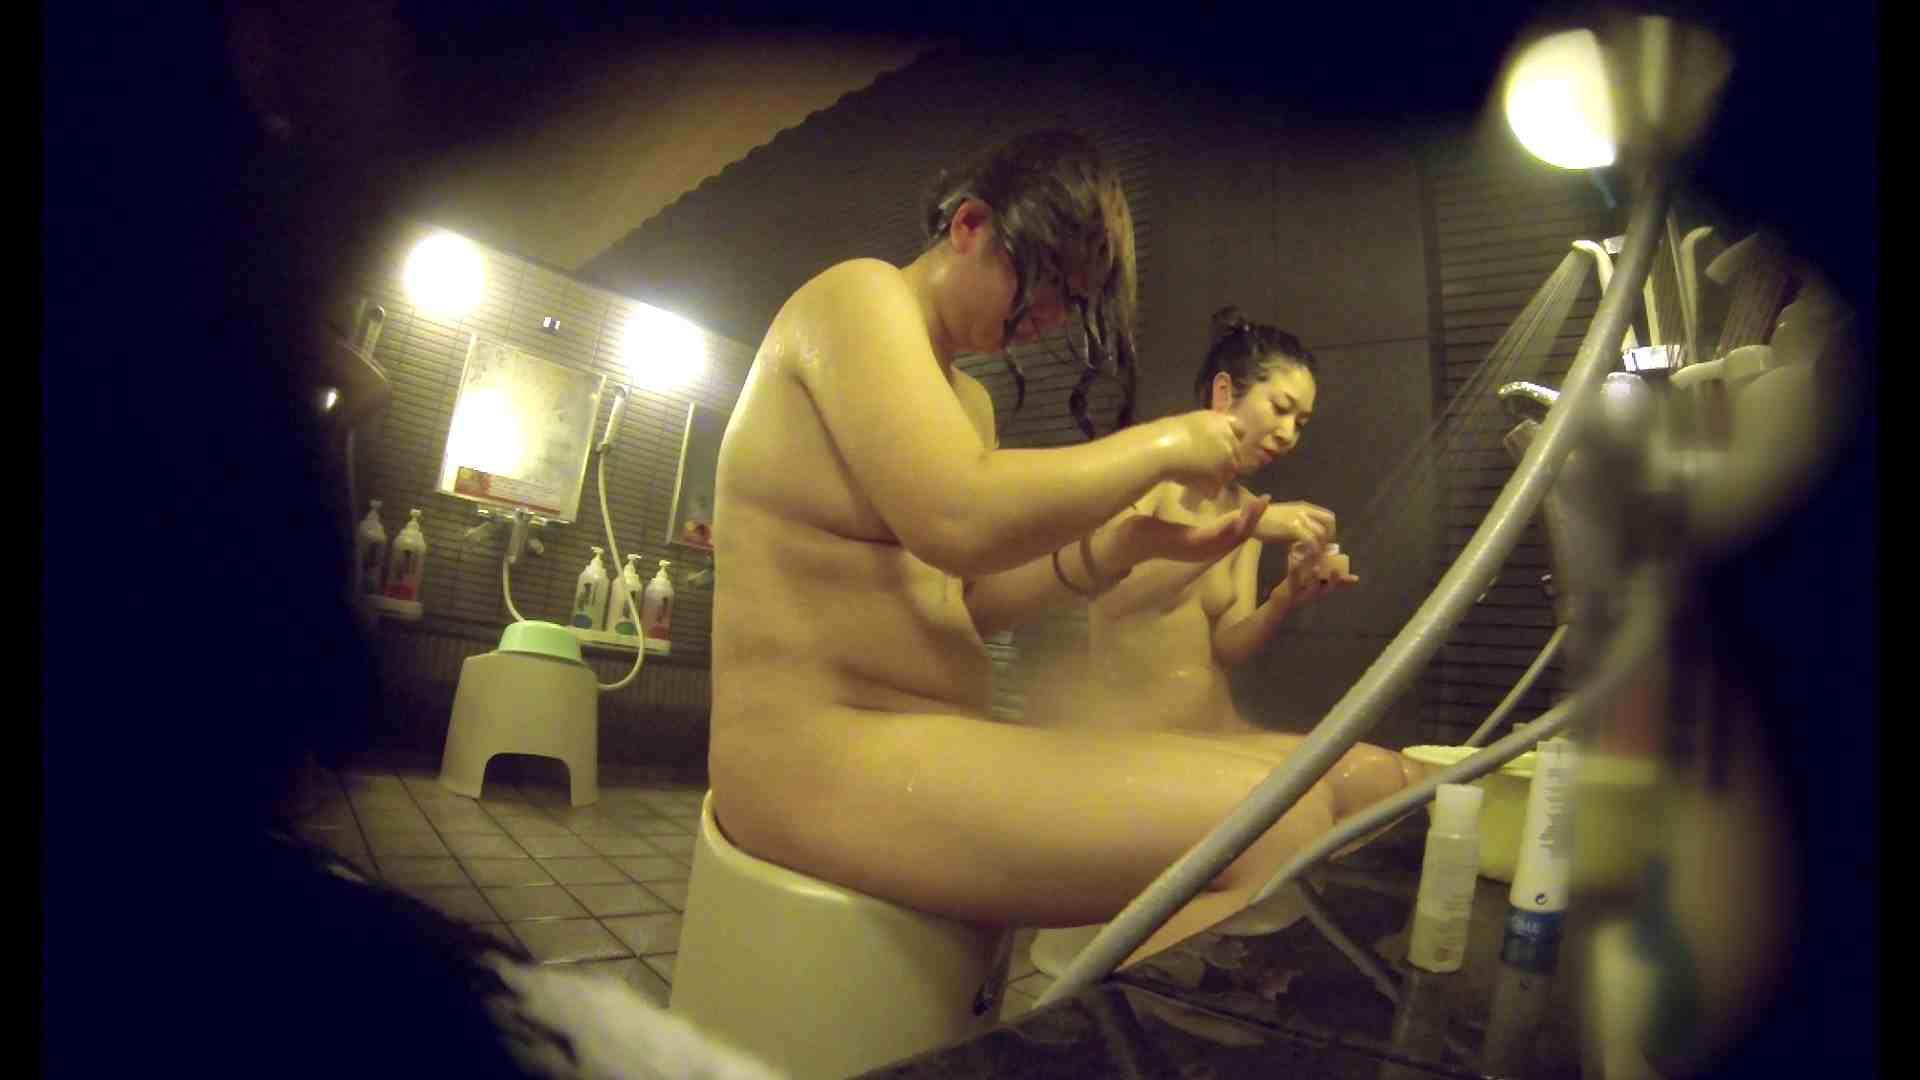 洗い場!んーーー残念なボディです。痩せれば抱けるかも? 潜入  52PIX 35